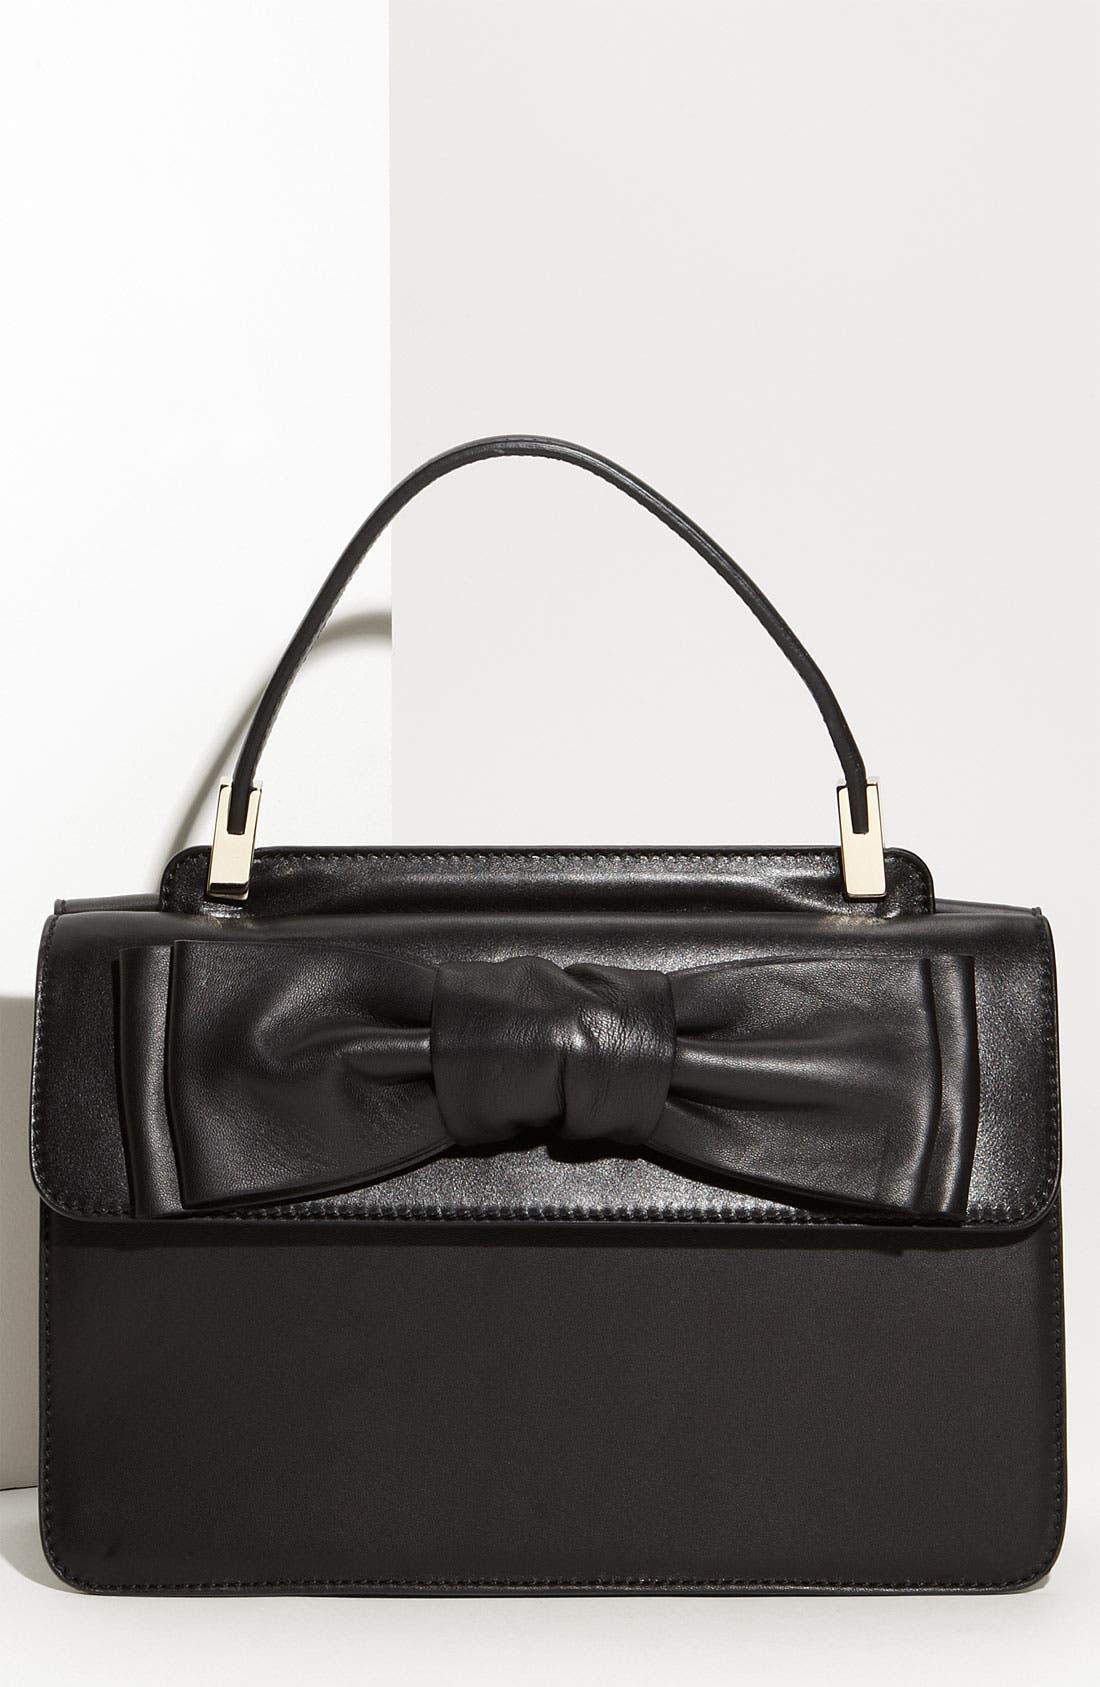 Main Image - Valentino 'Aphrodite - Small' Leather Shopper